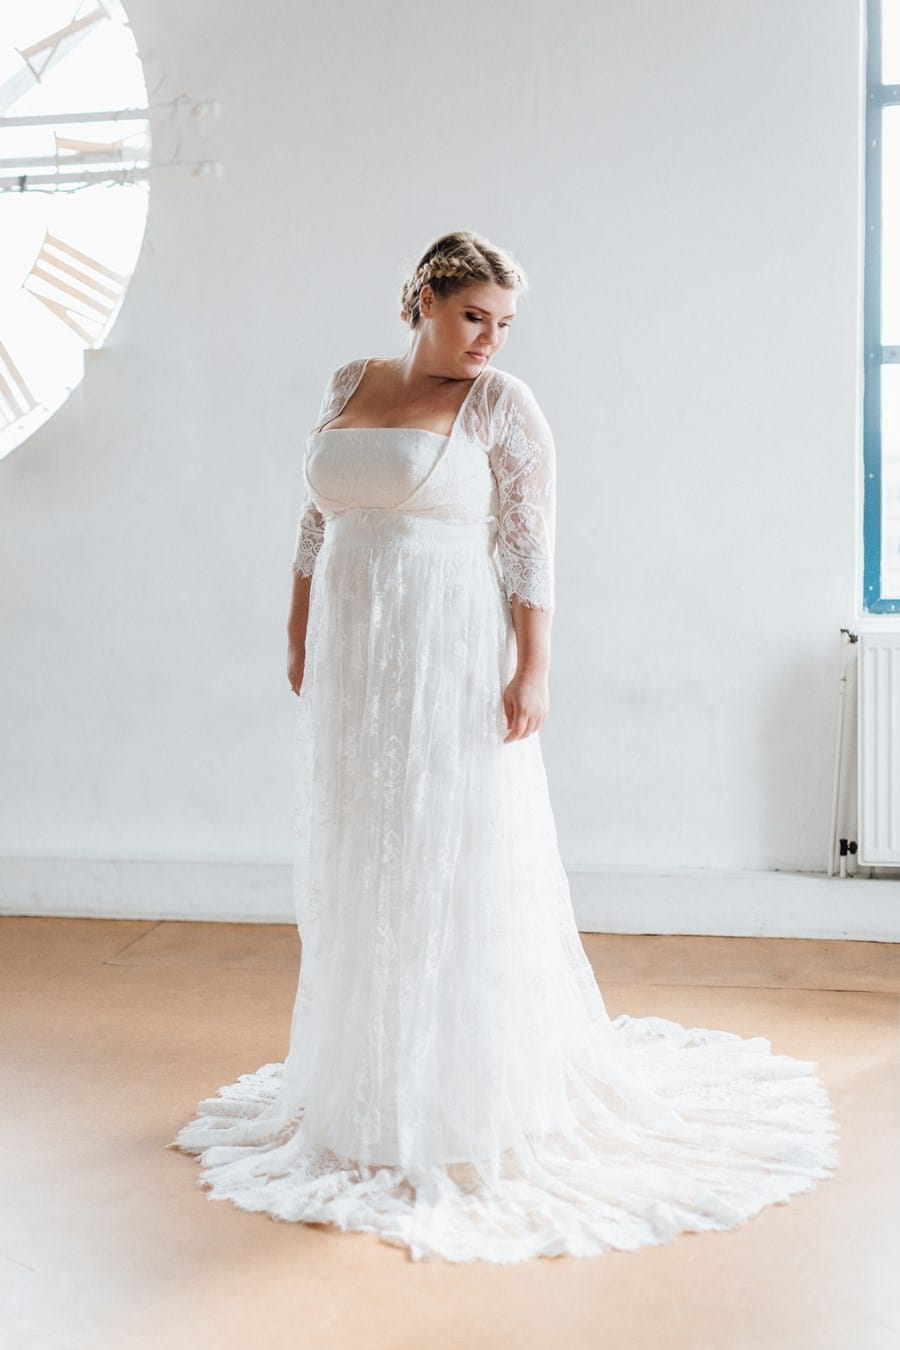 Brautkleider in großen Größen - sexy in 48 bis 52 | Hochzeitsgezwitscher